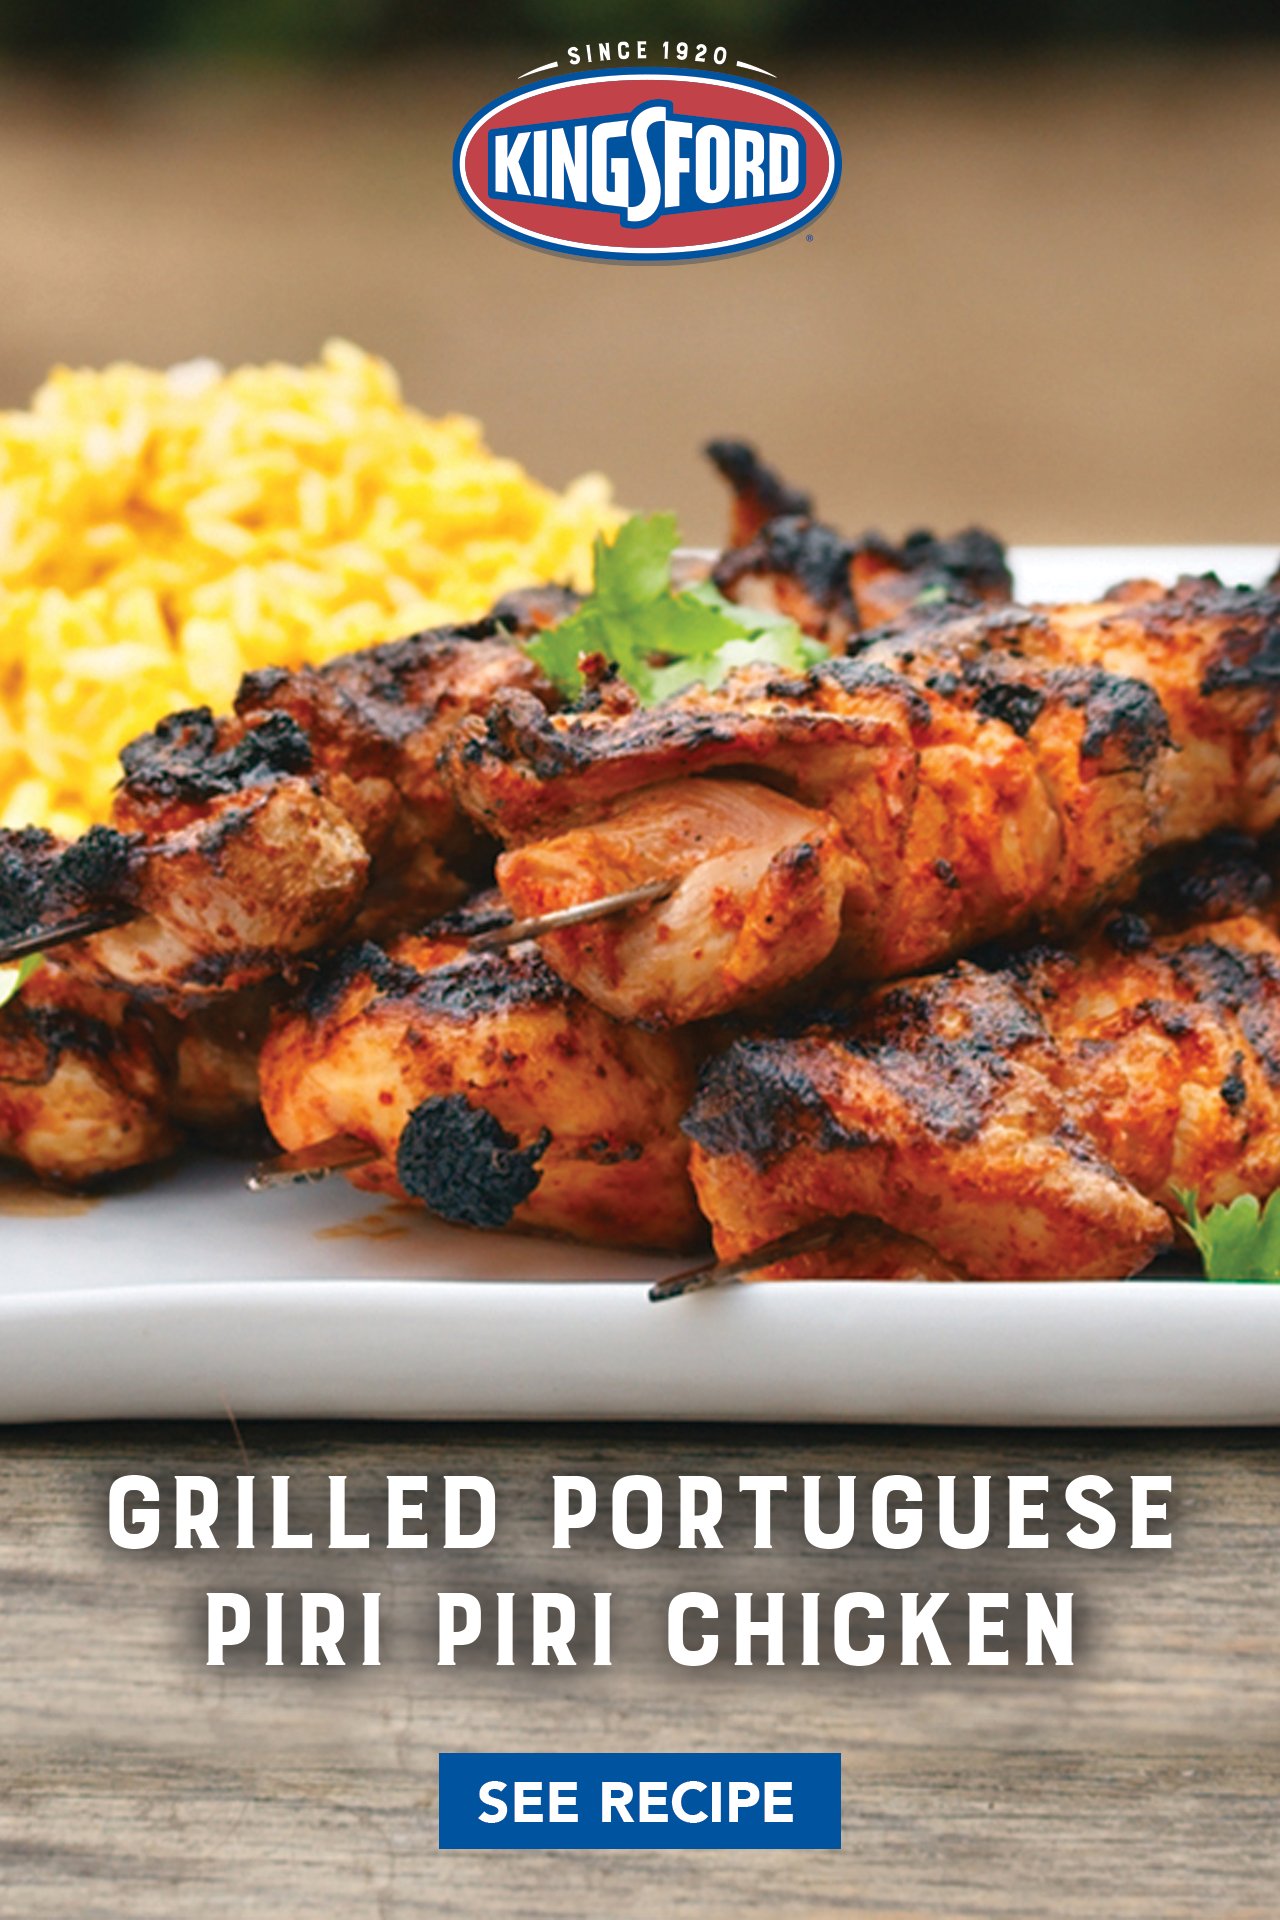 Portuguese Piri Piri Chicken Kingsford Recipe Chicken Recipes Chicken Dinner Recipes Recipes